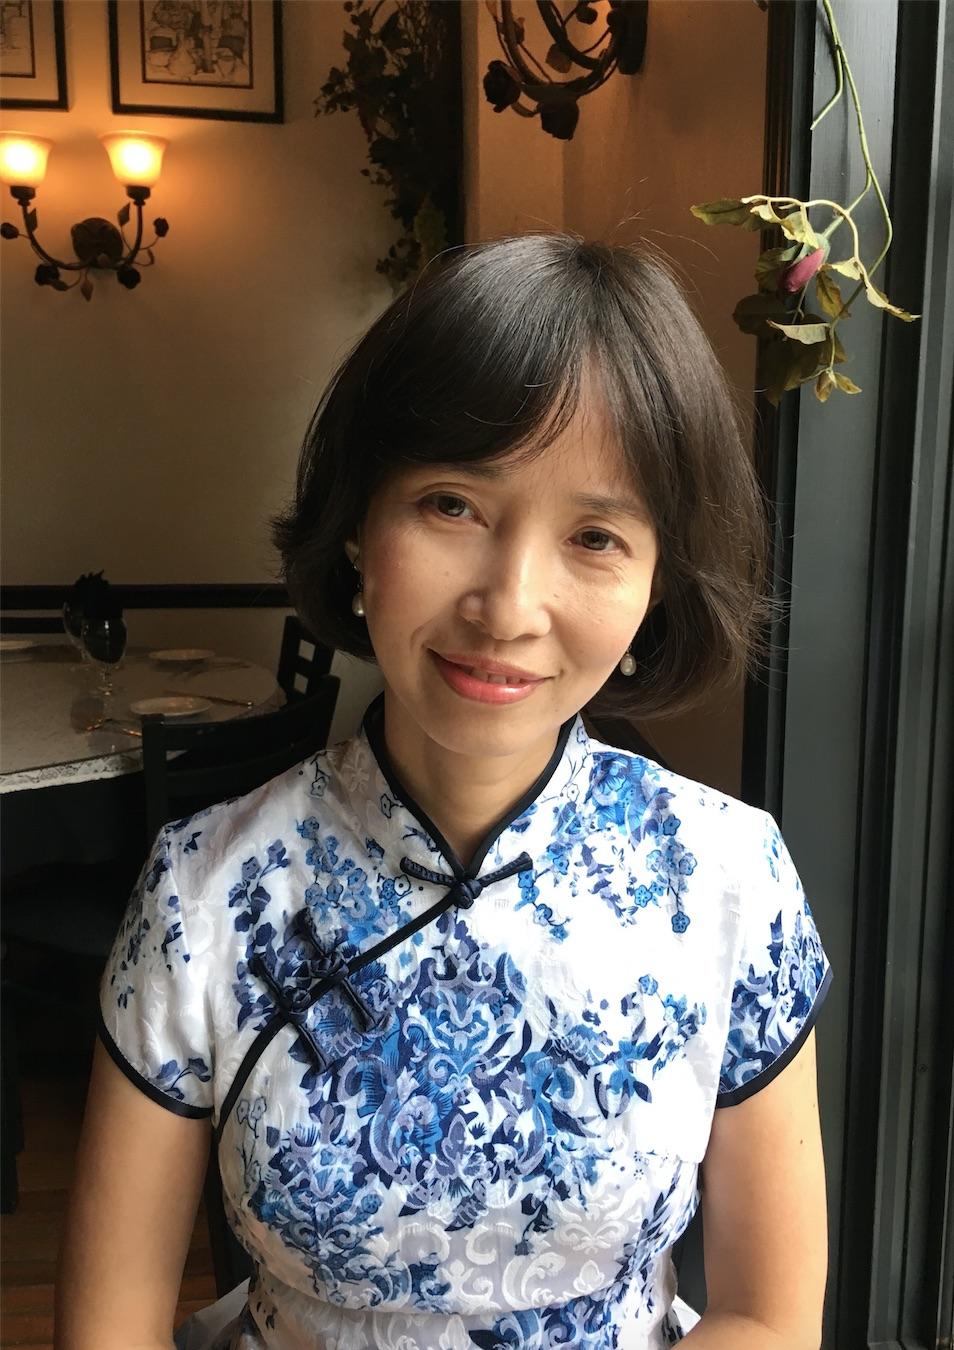 Shihling Chui